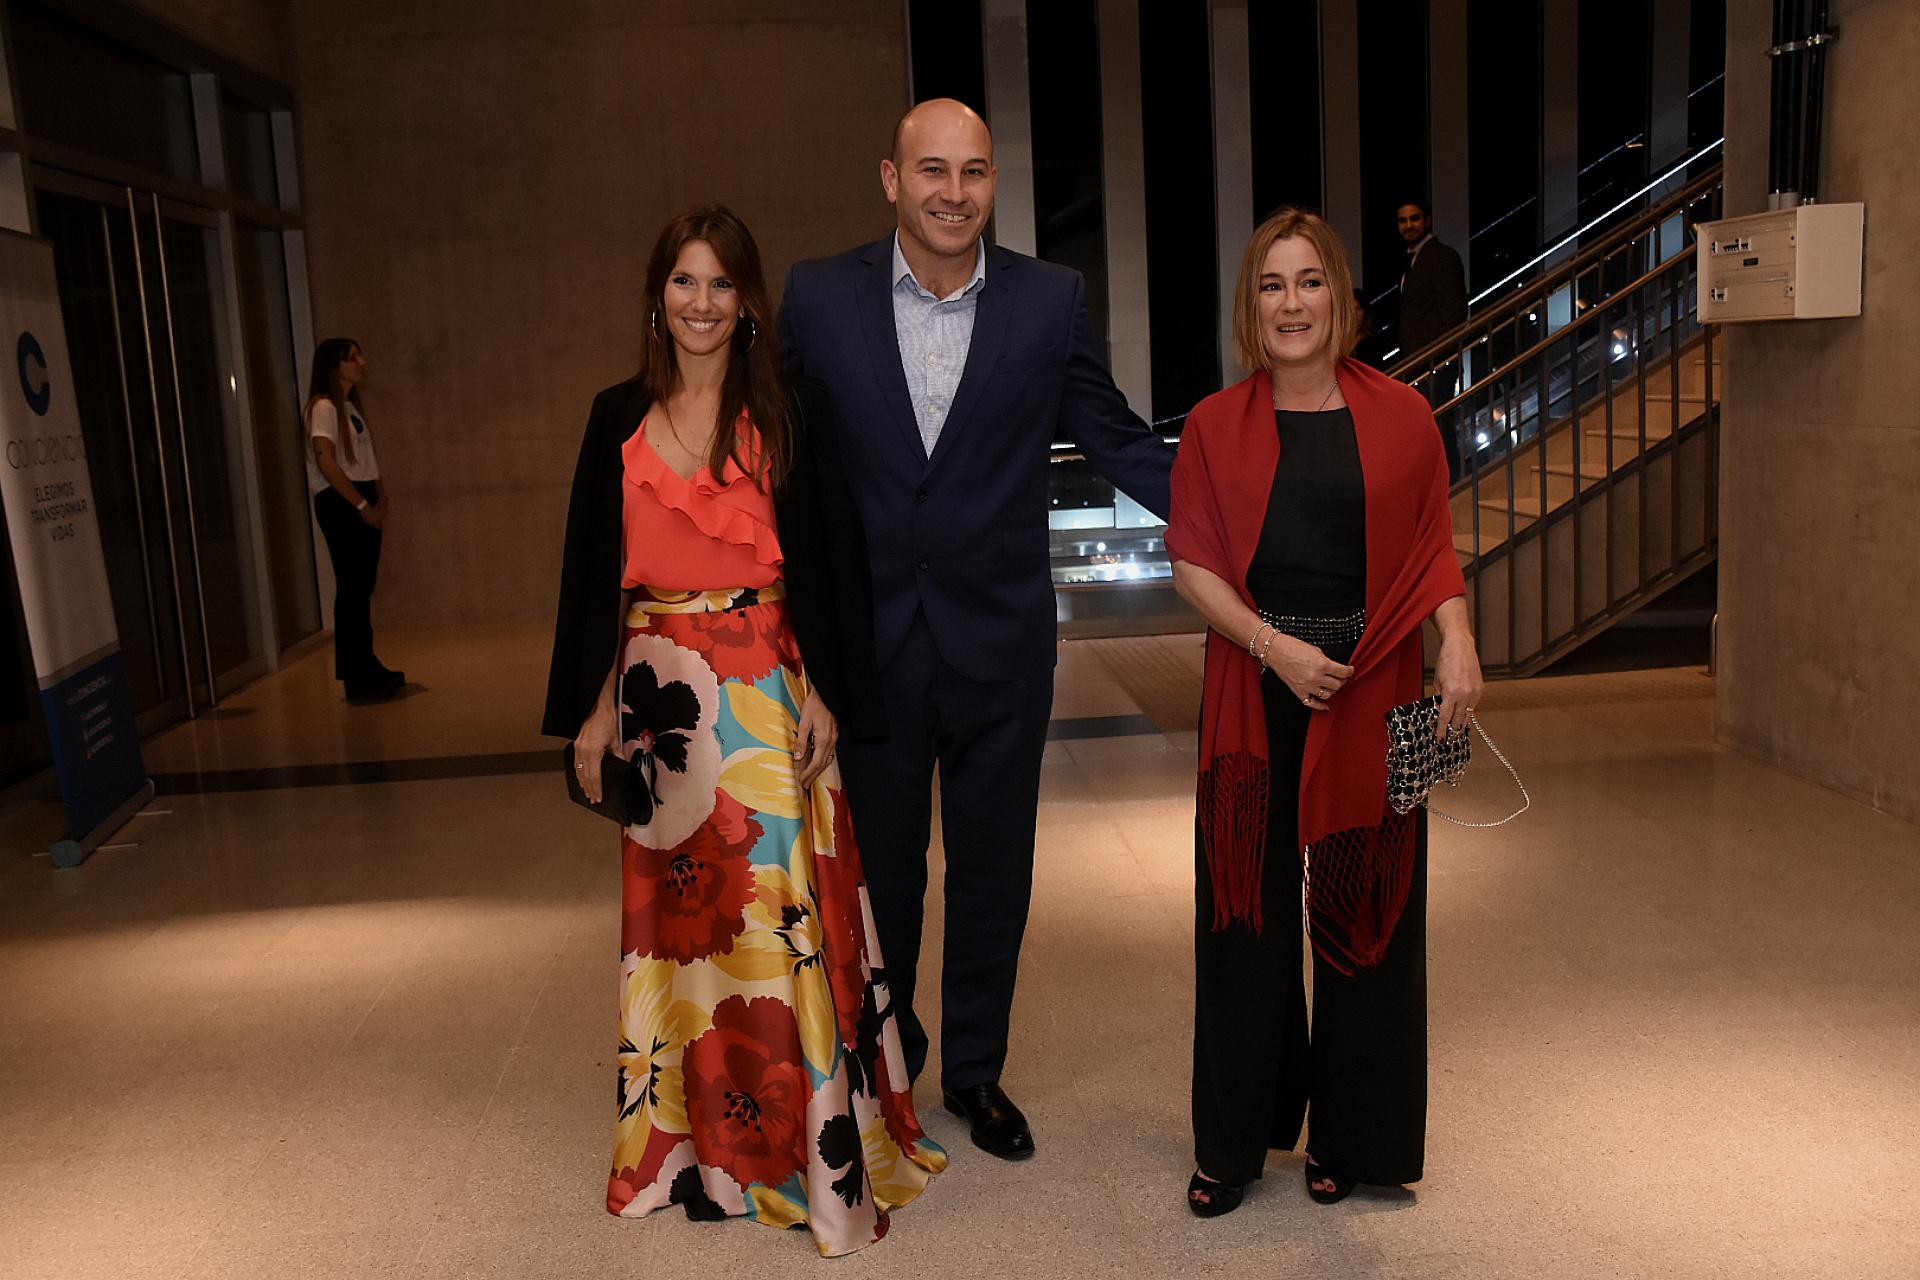 El intendente de Quilmes, Martiniano Molina, y su mujer Ileana Luetic